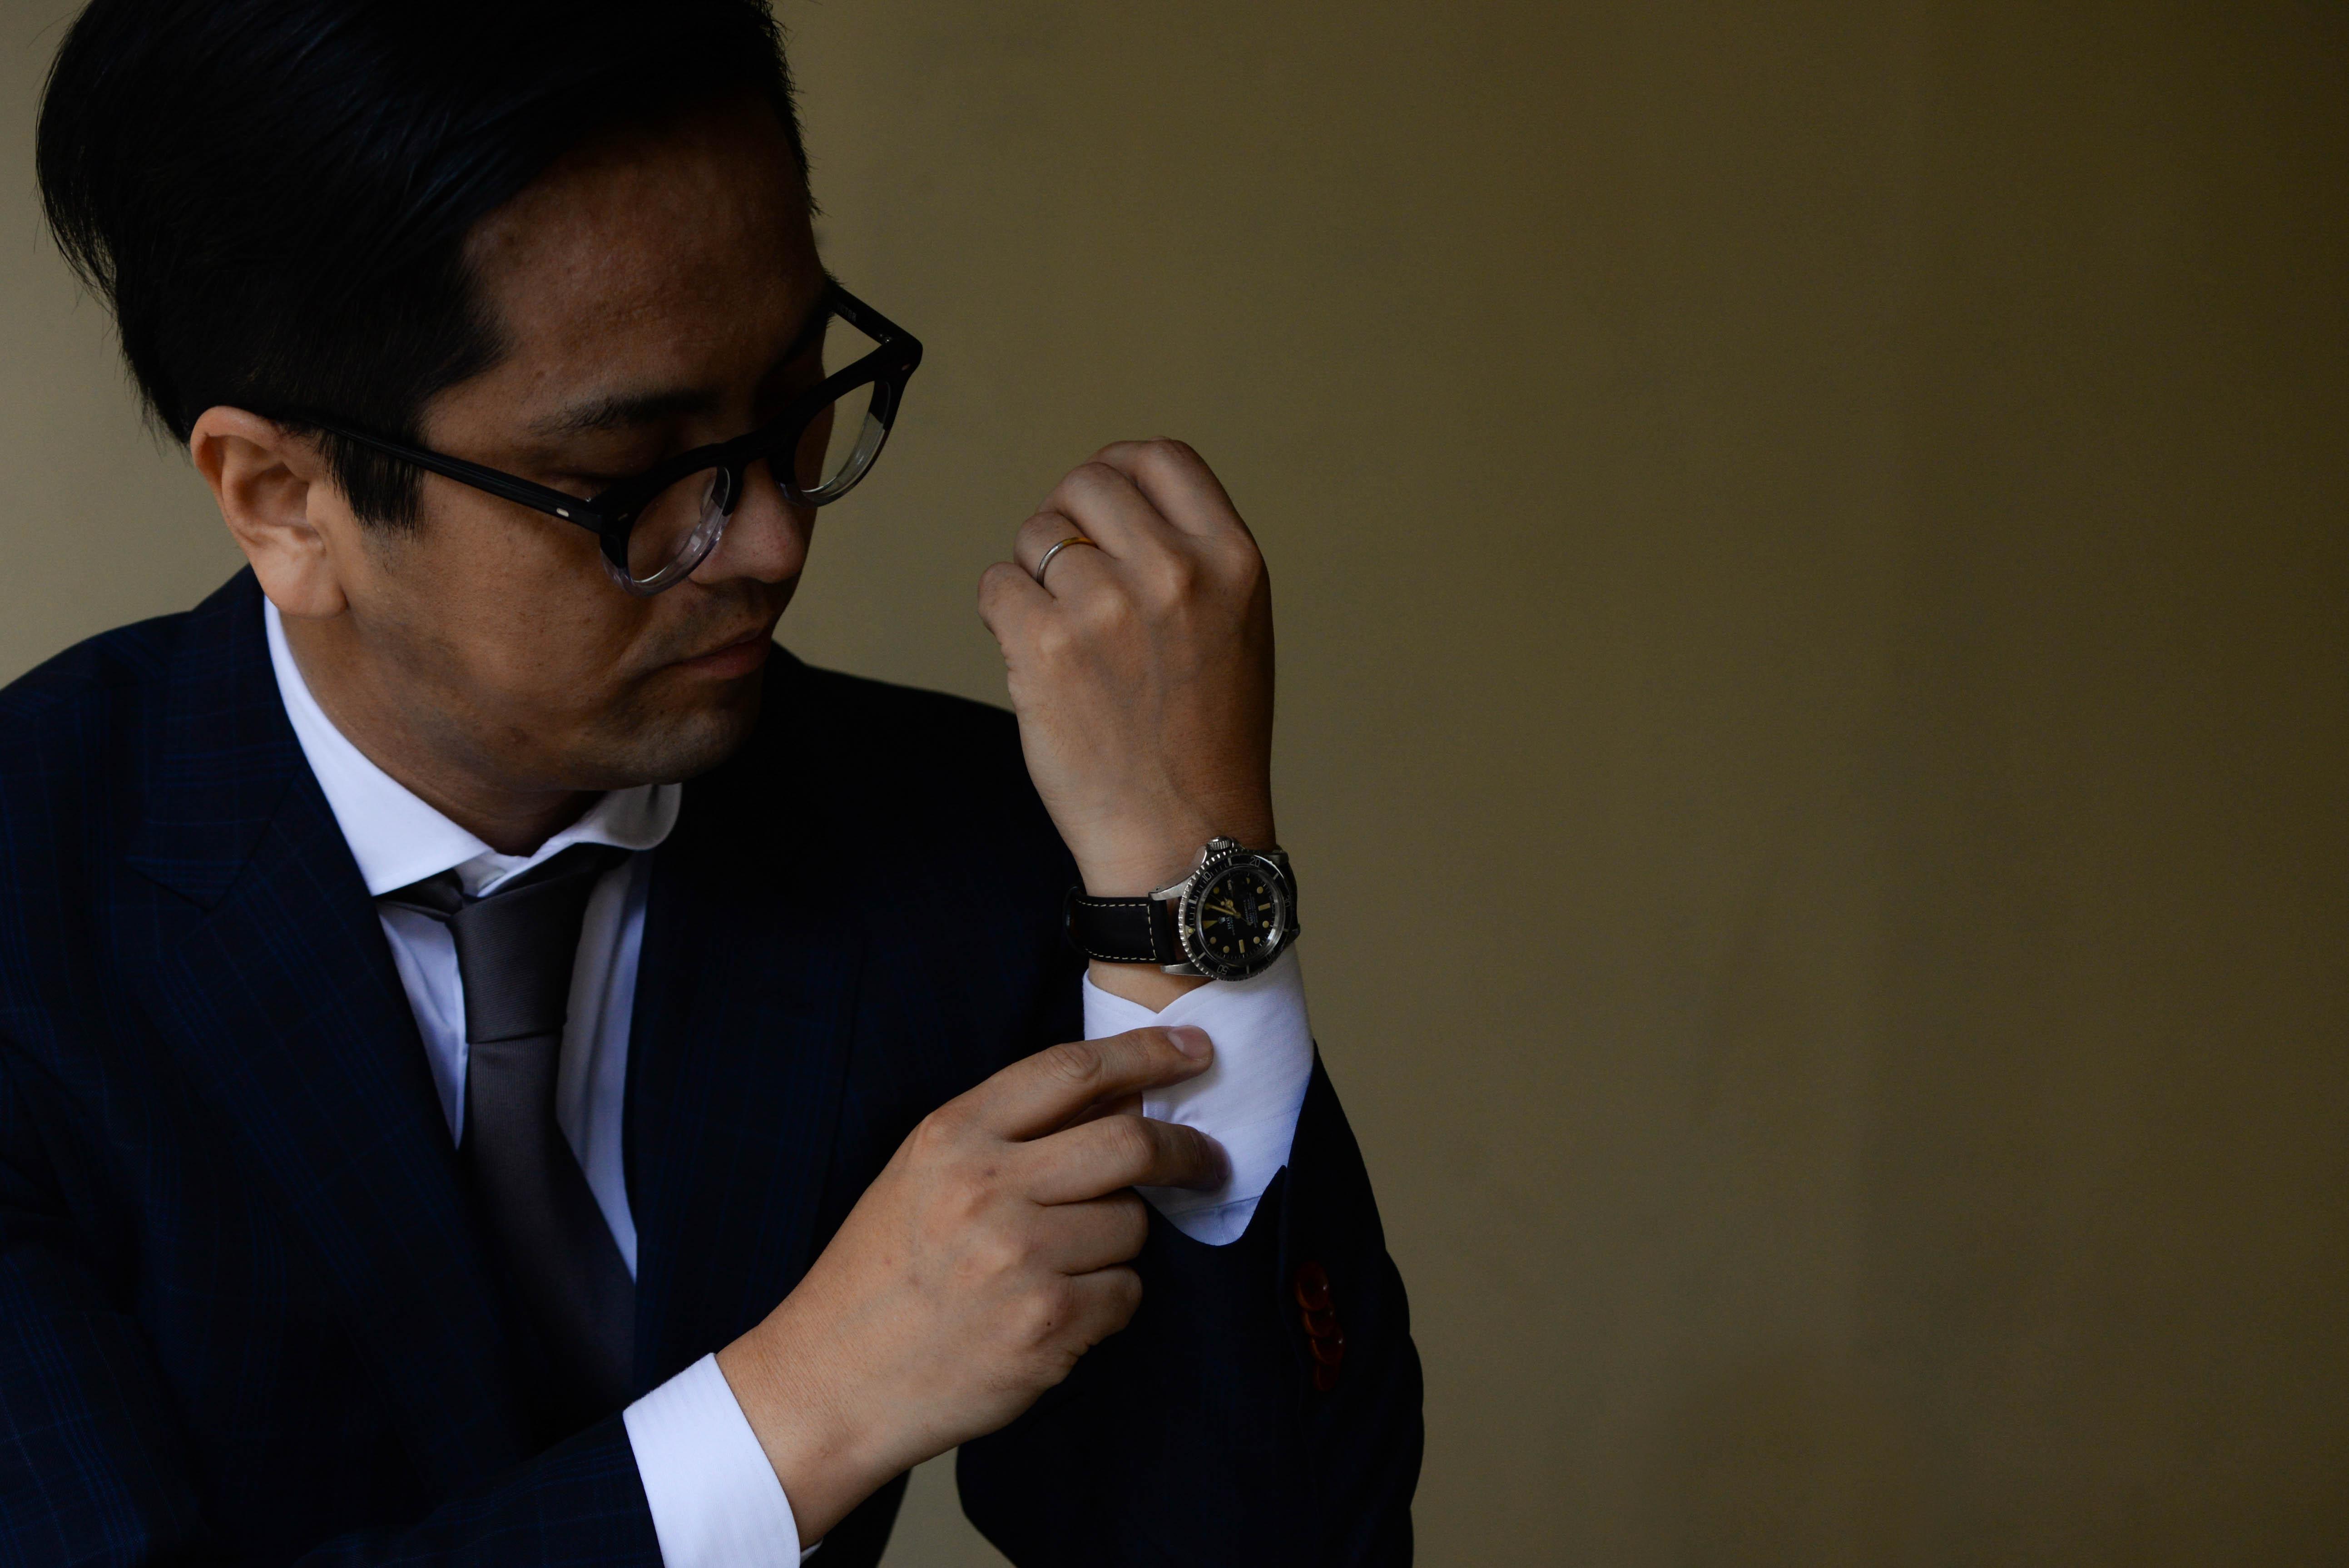 クライアントに腕時計好きな方がいた